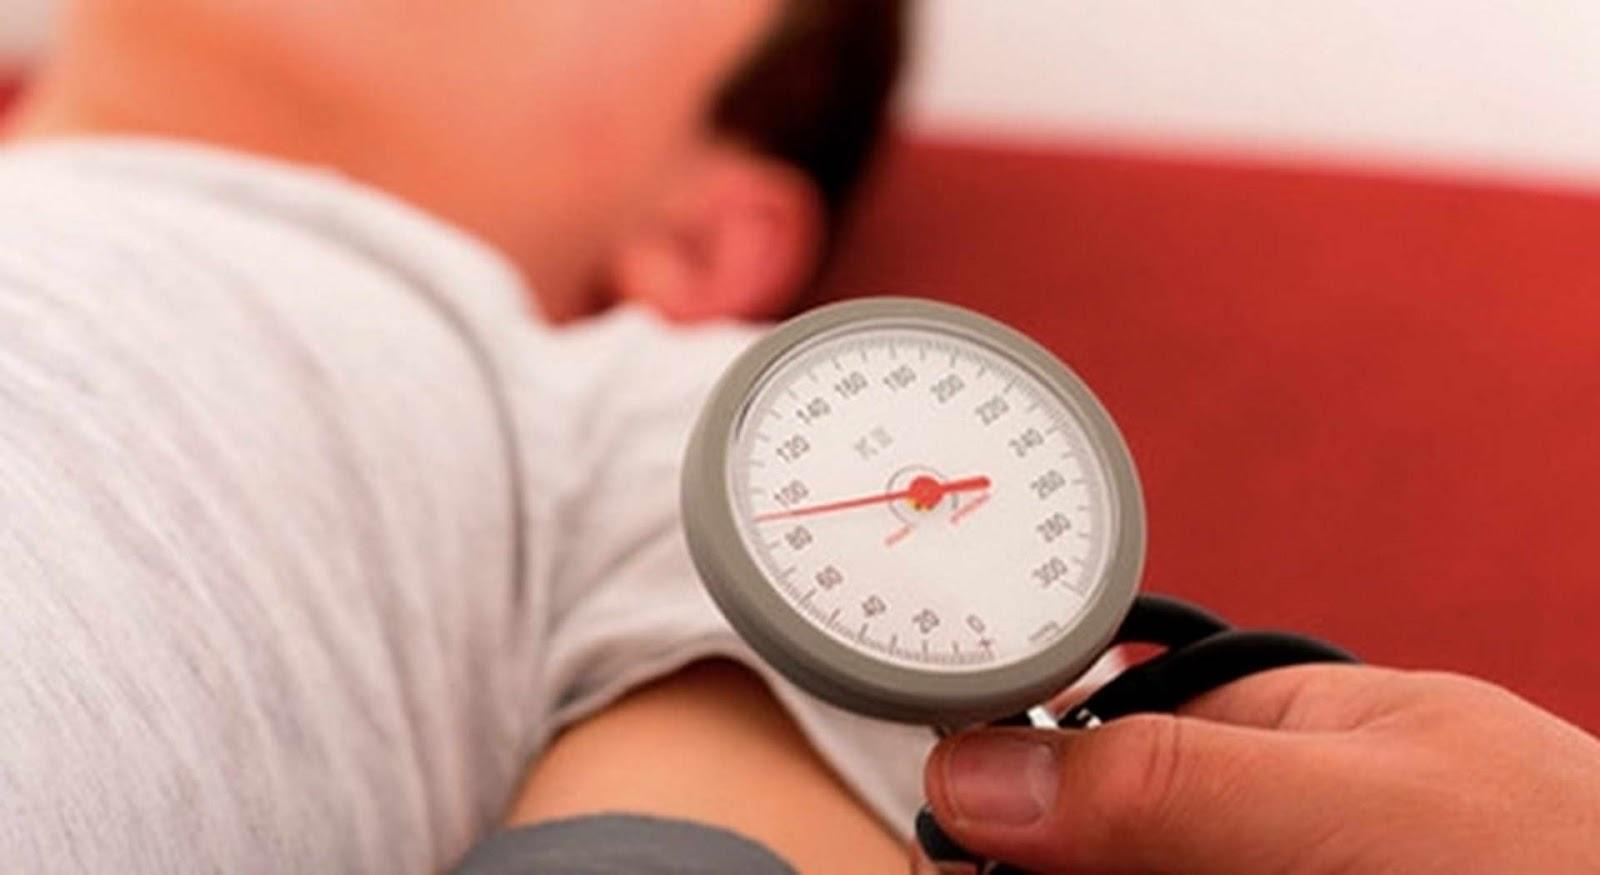 medico checando la presión arterial